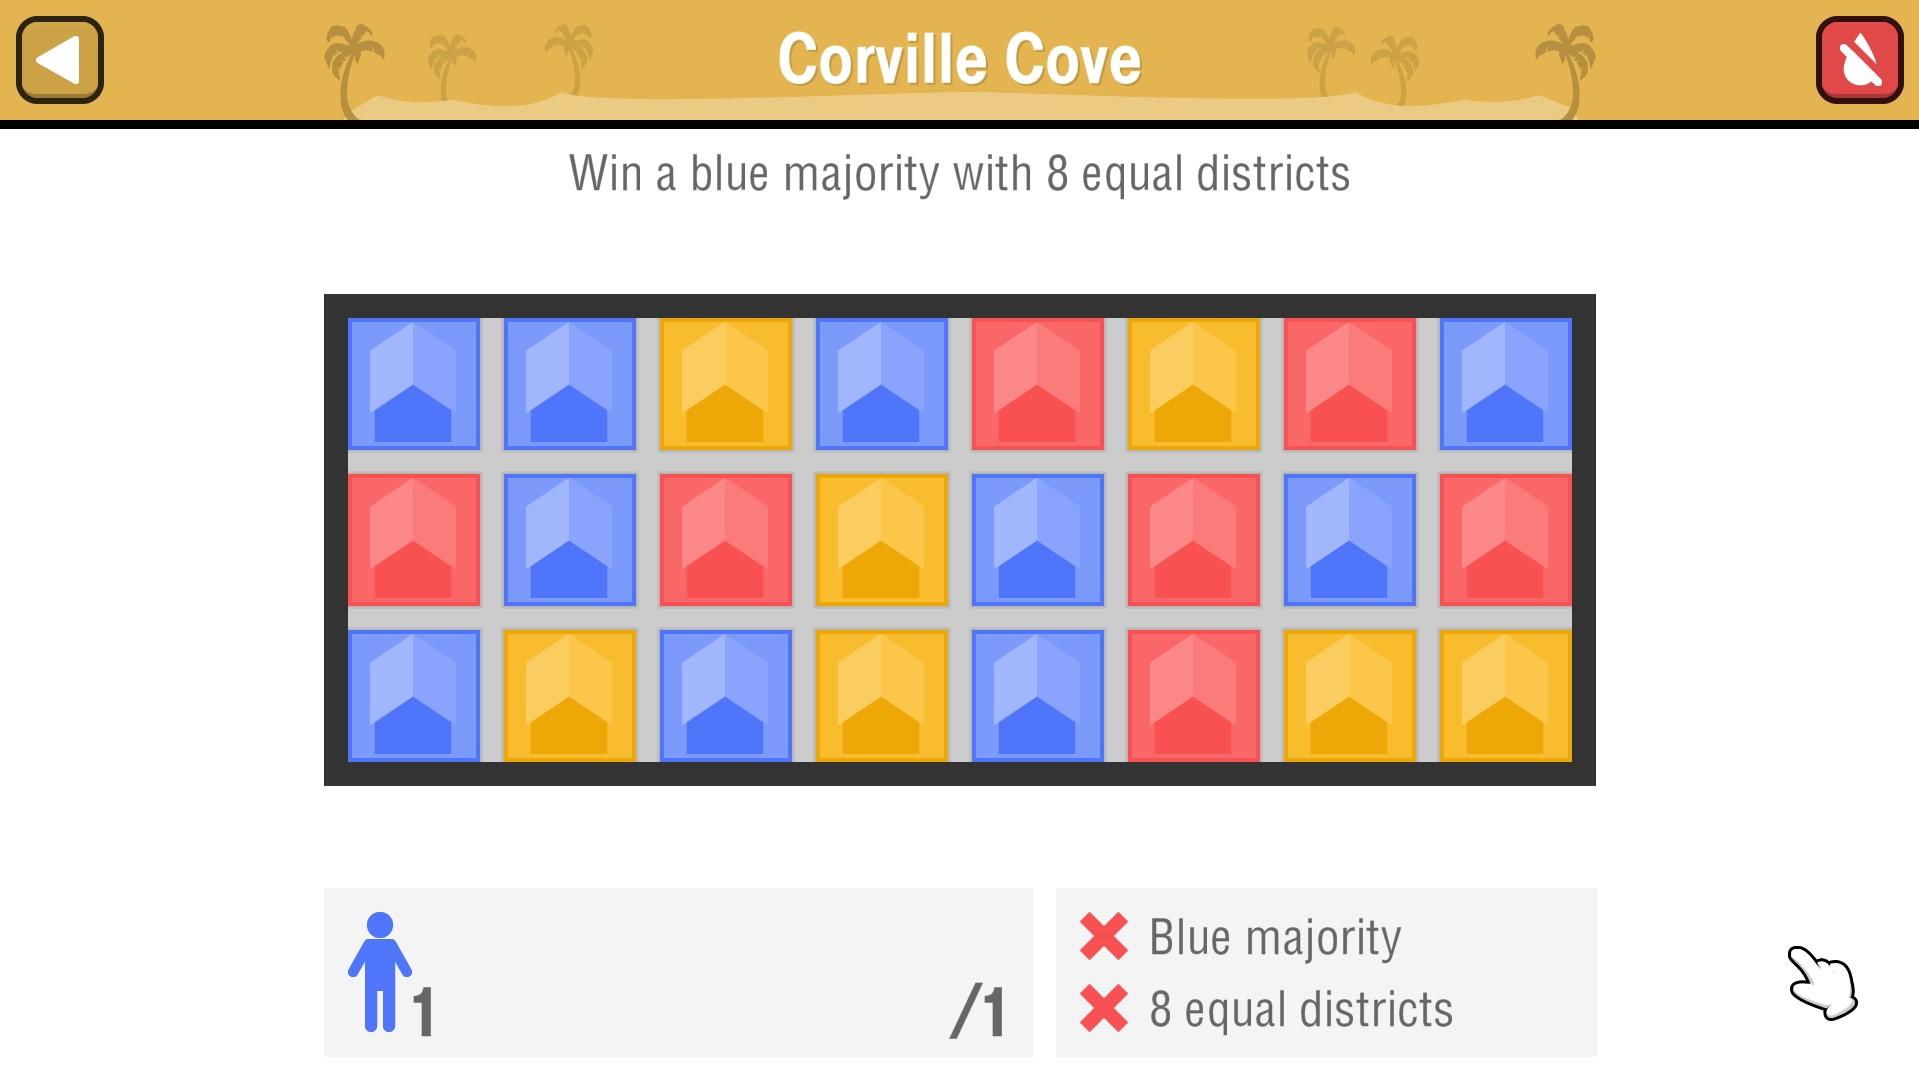 Corville Cove